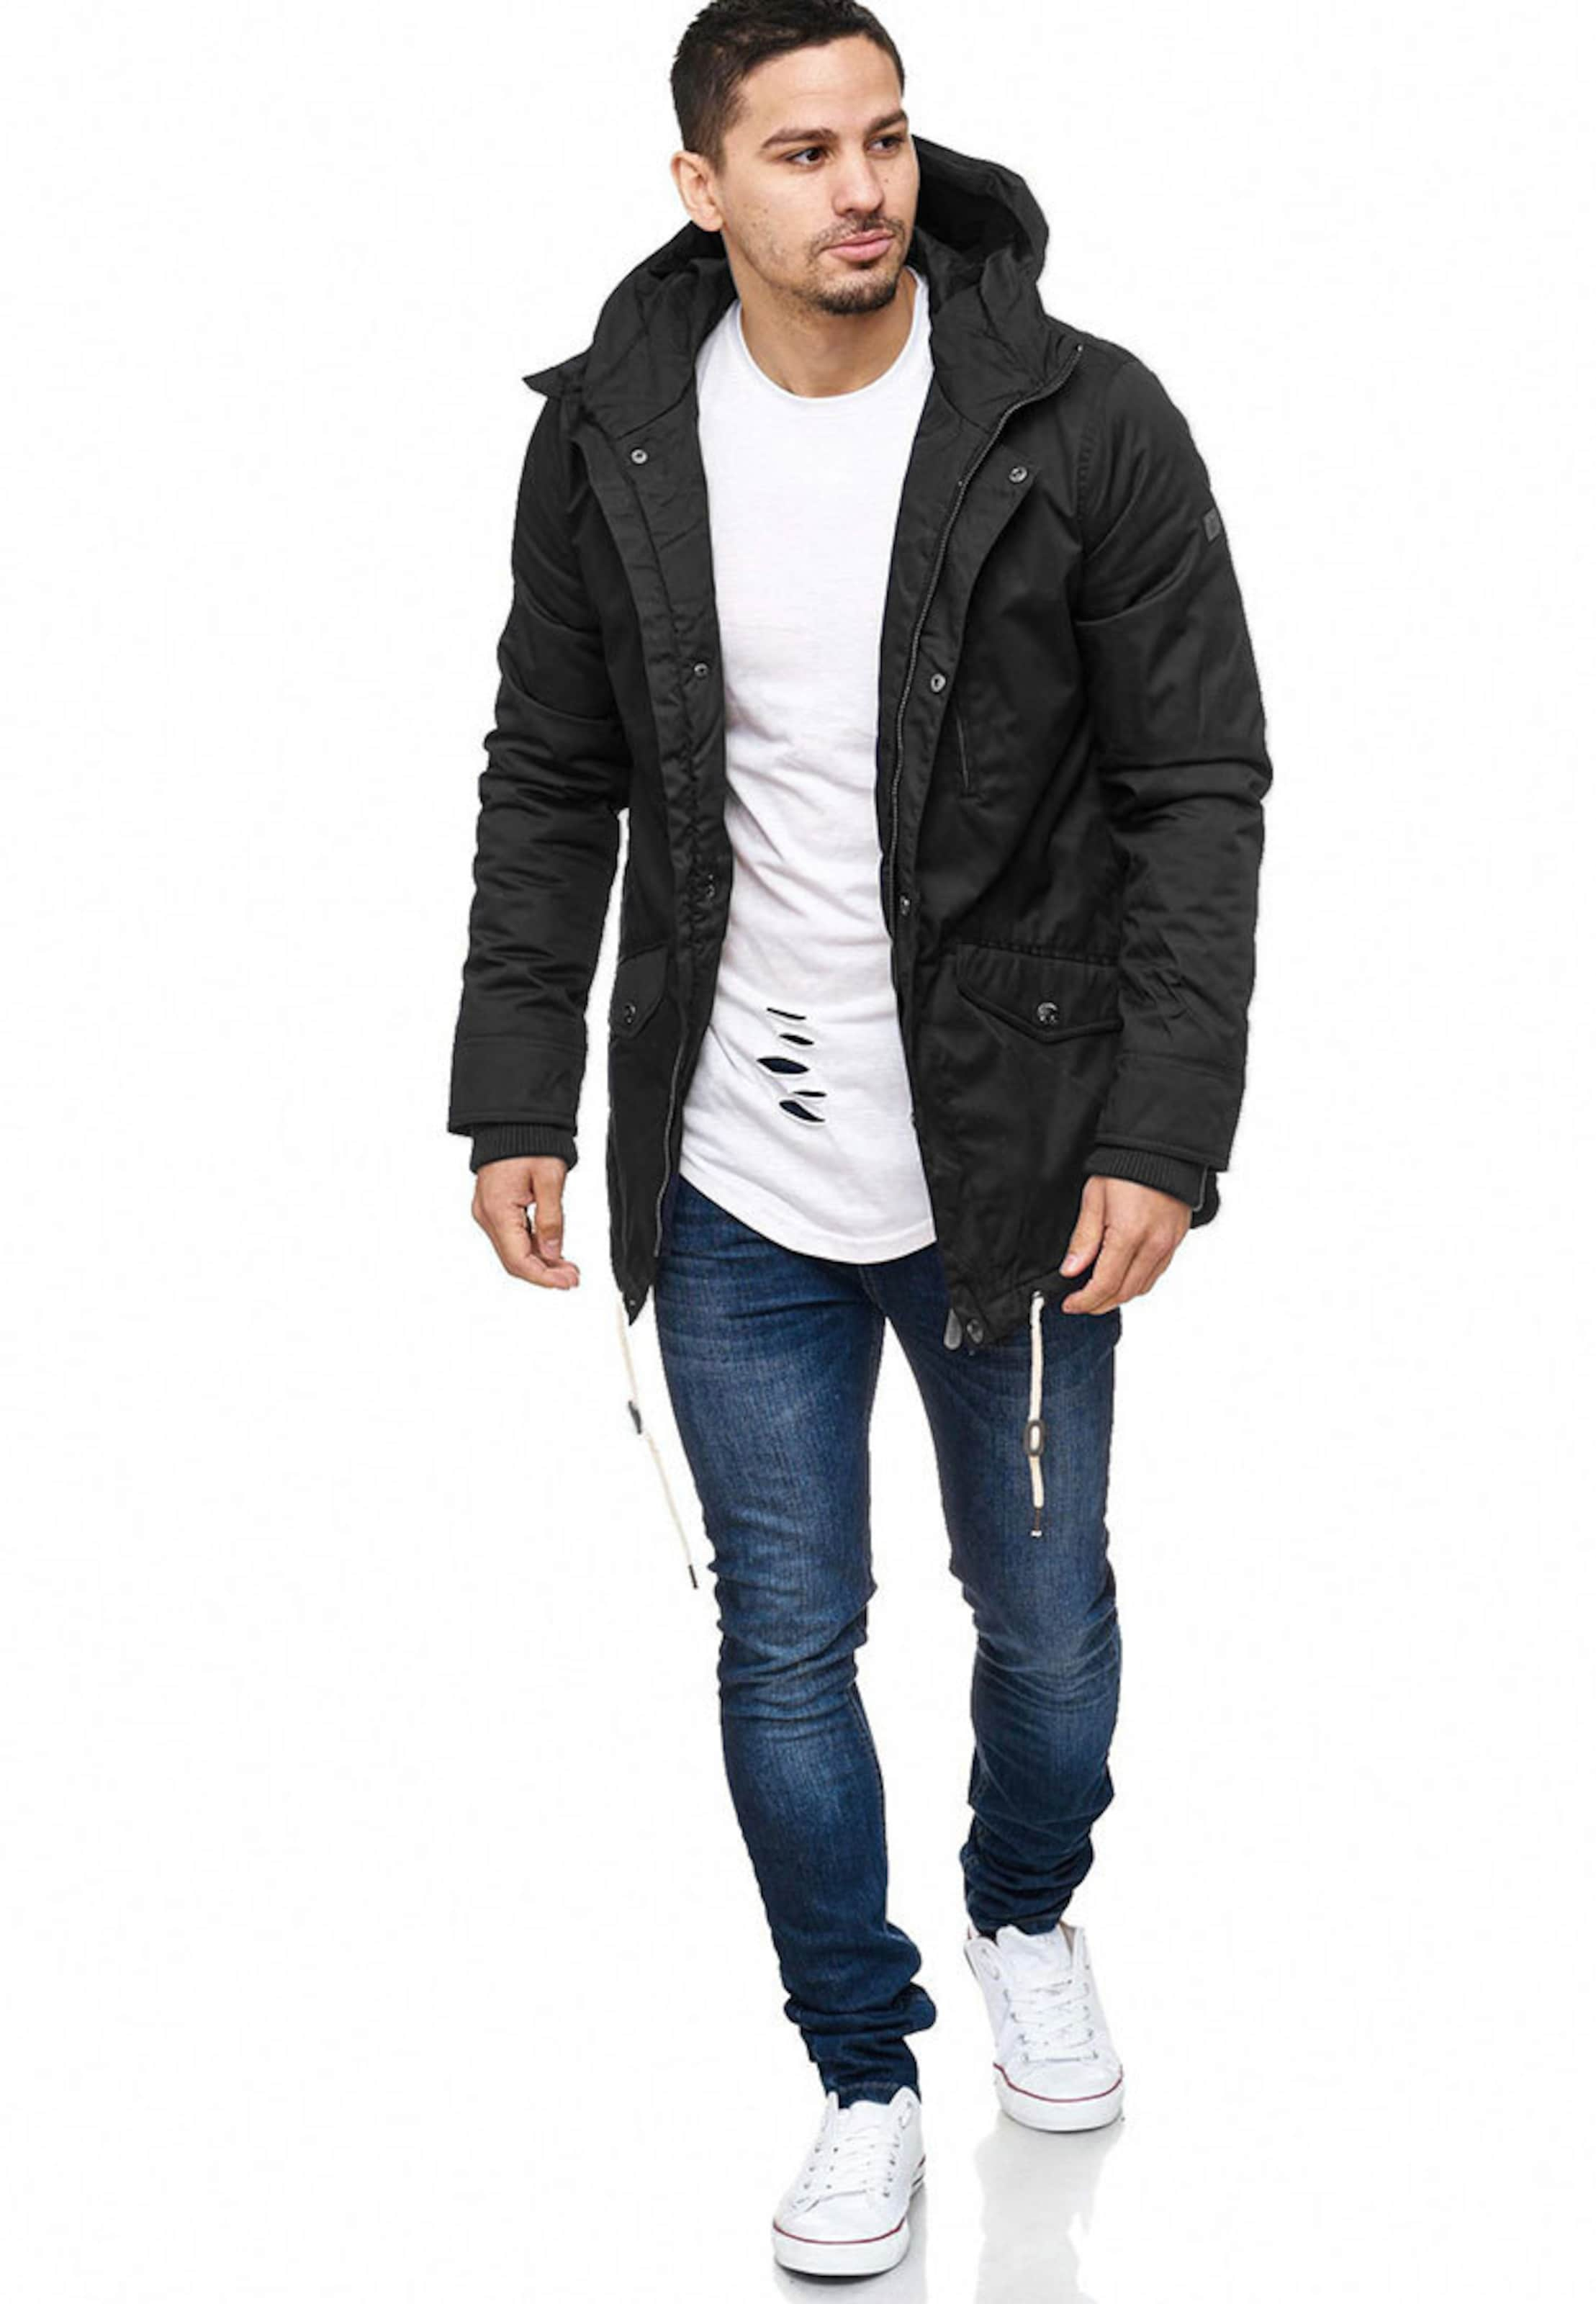 Noir Indicode Chance En D'hiver ' Jeans Parka 7b6fgyYv